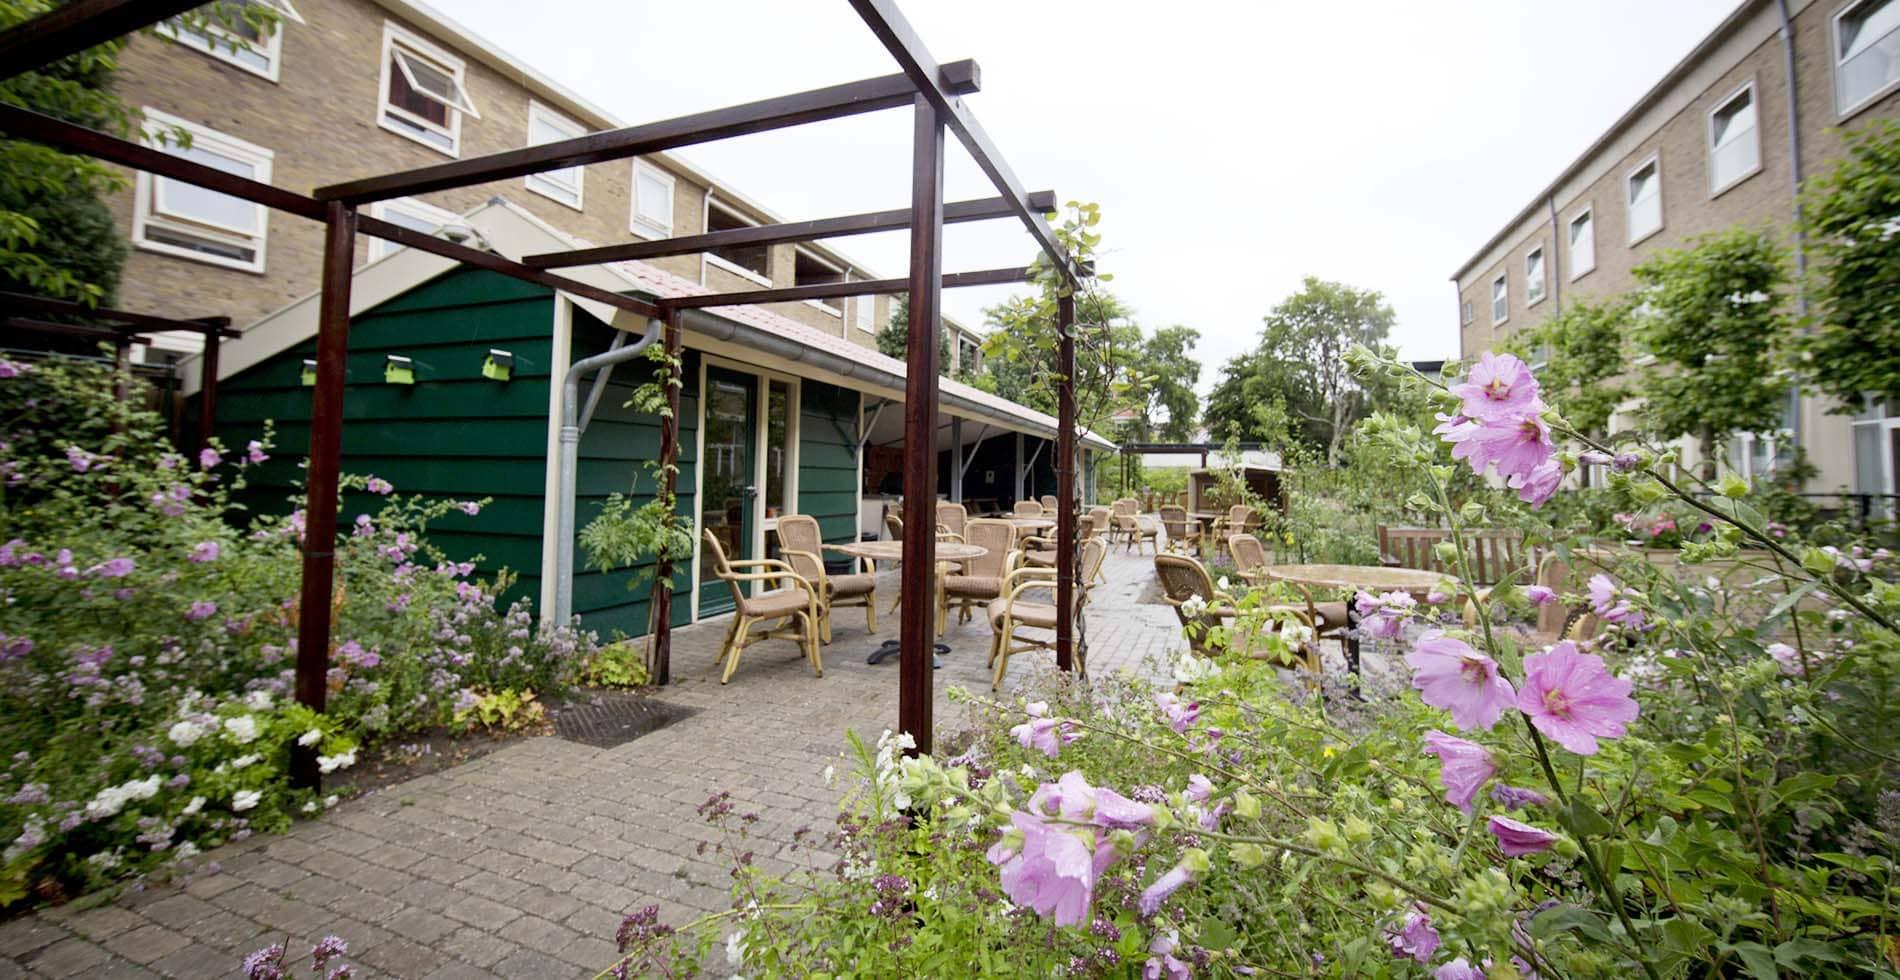 Groot tuinonderhoud wooncentrum Amsterdam